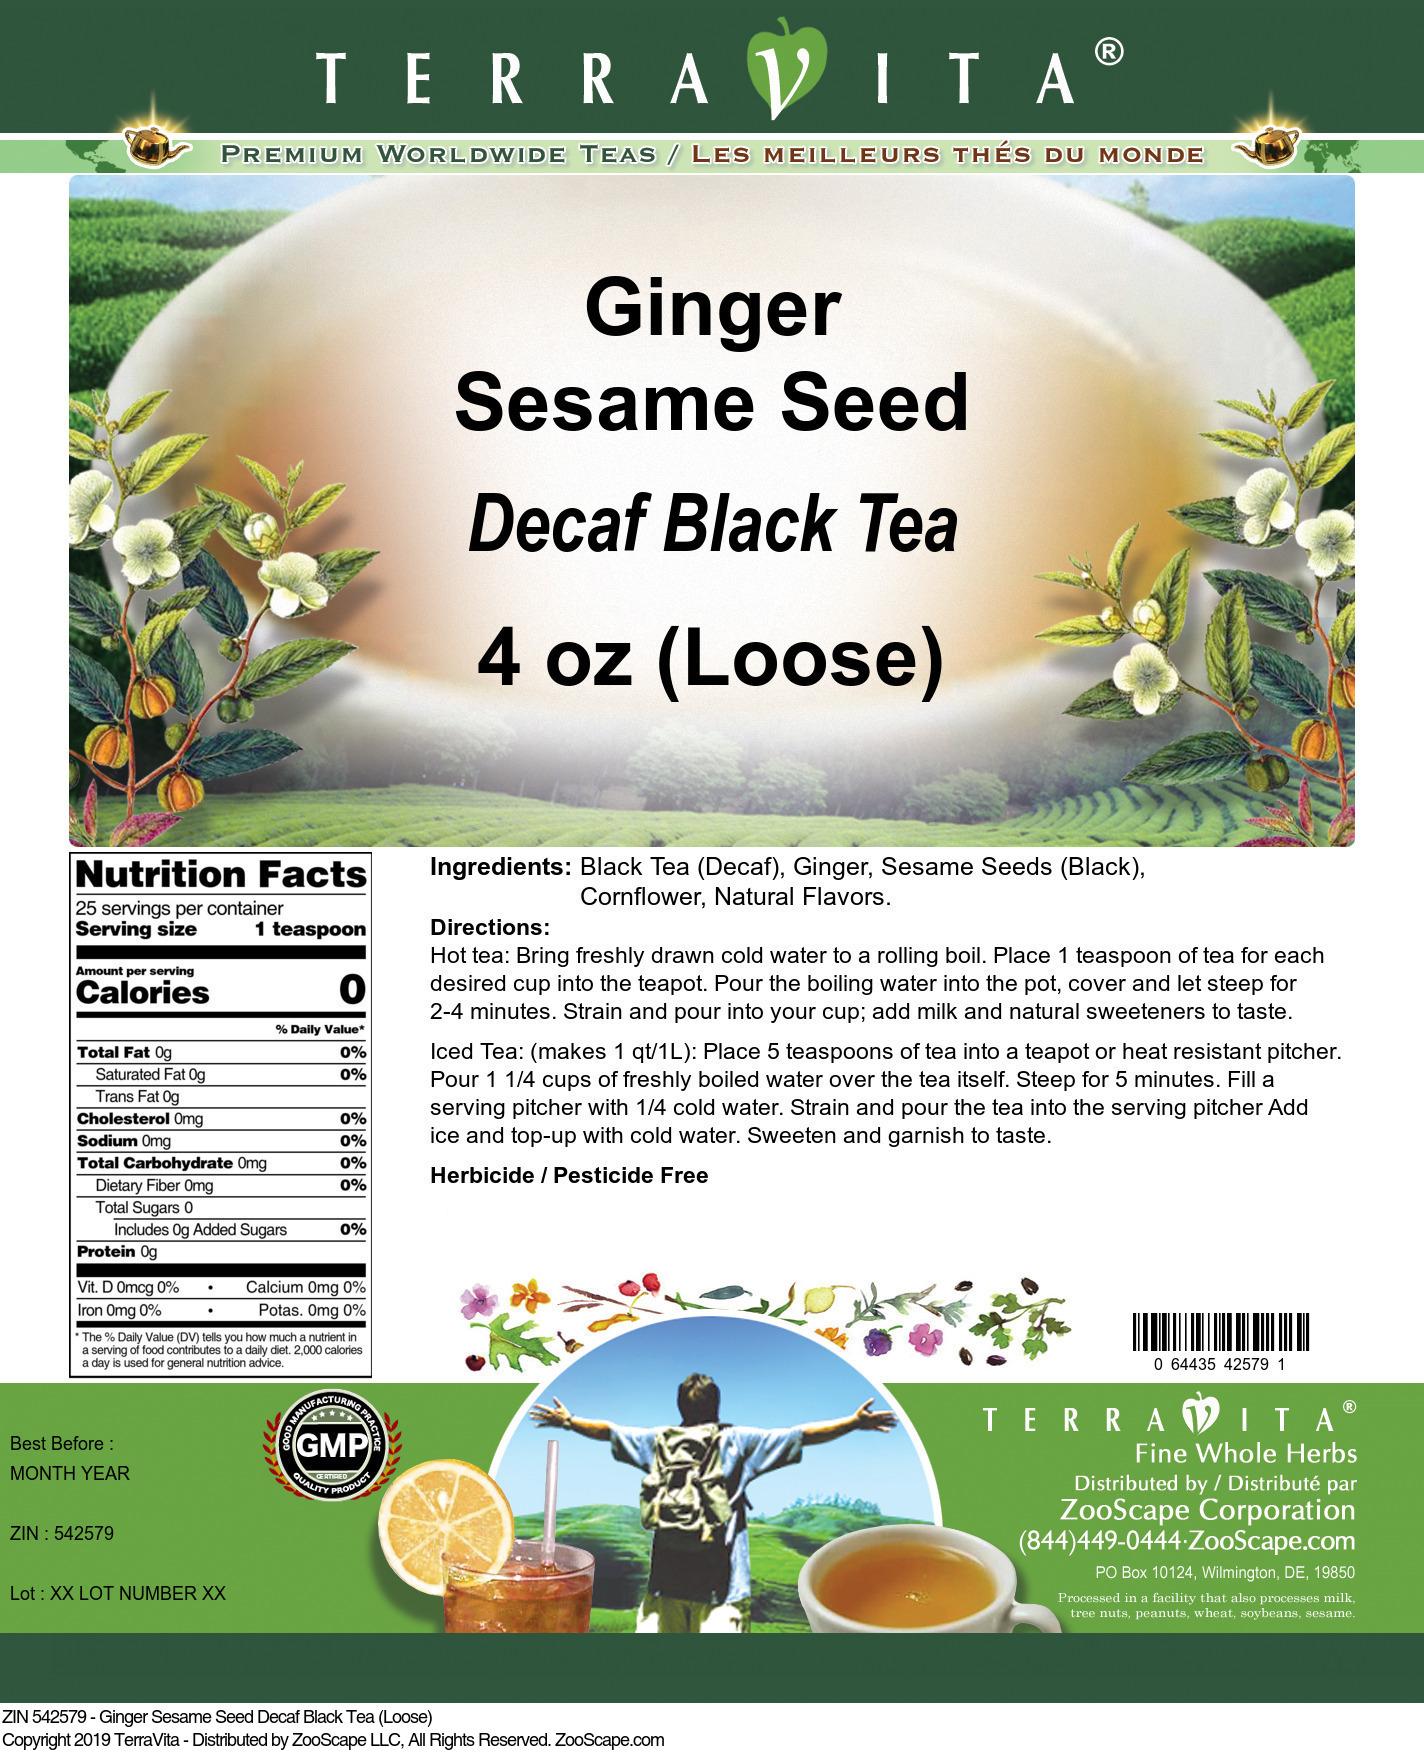 Ginger Sesame Seed Decaf Black Tea